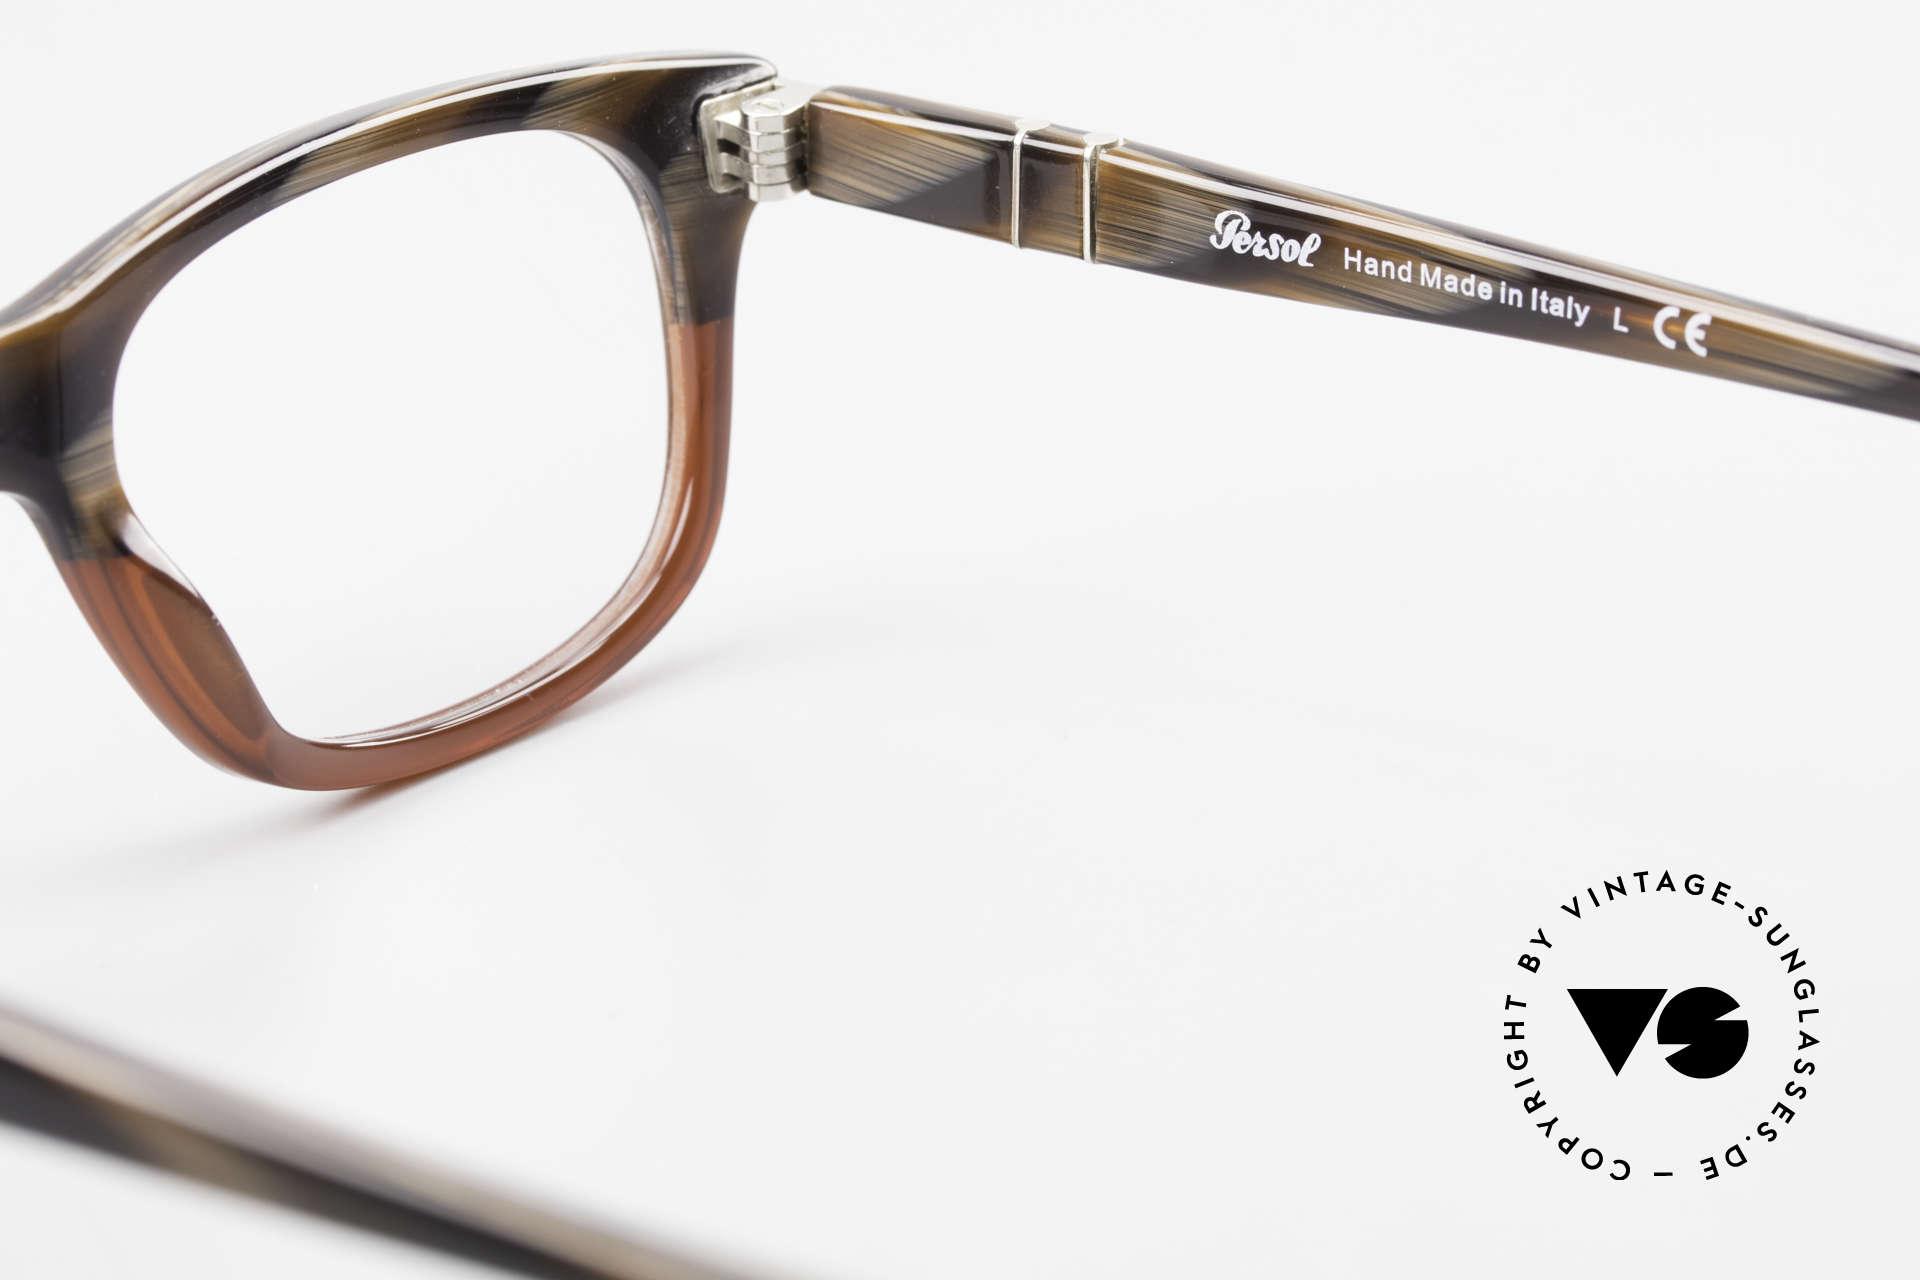 Persol 3029 Kleine Persol Brille Unisex, Größe: small, Passend für Herren und Damen